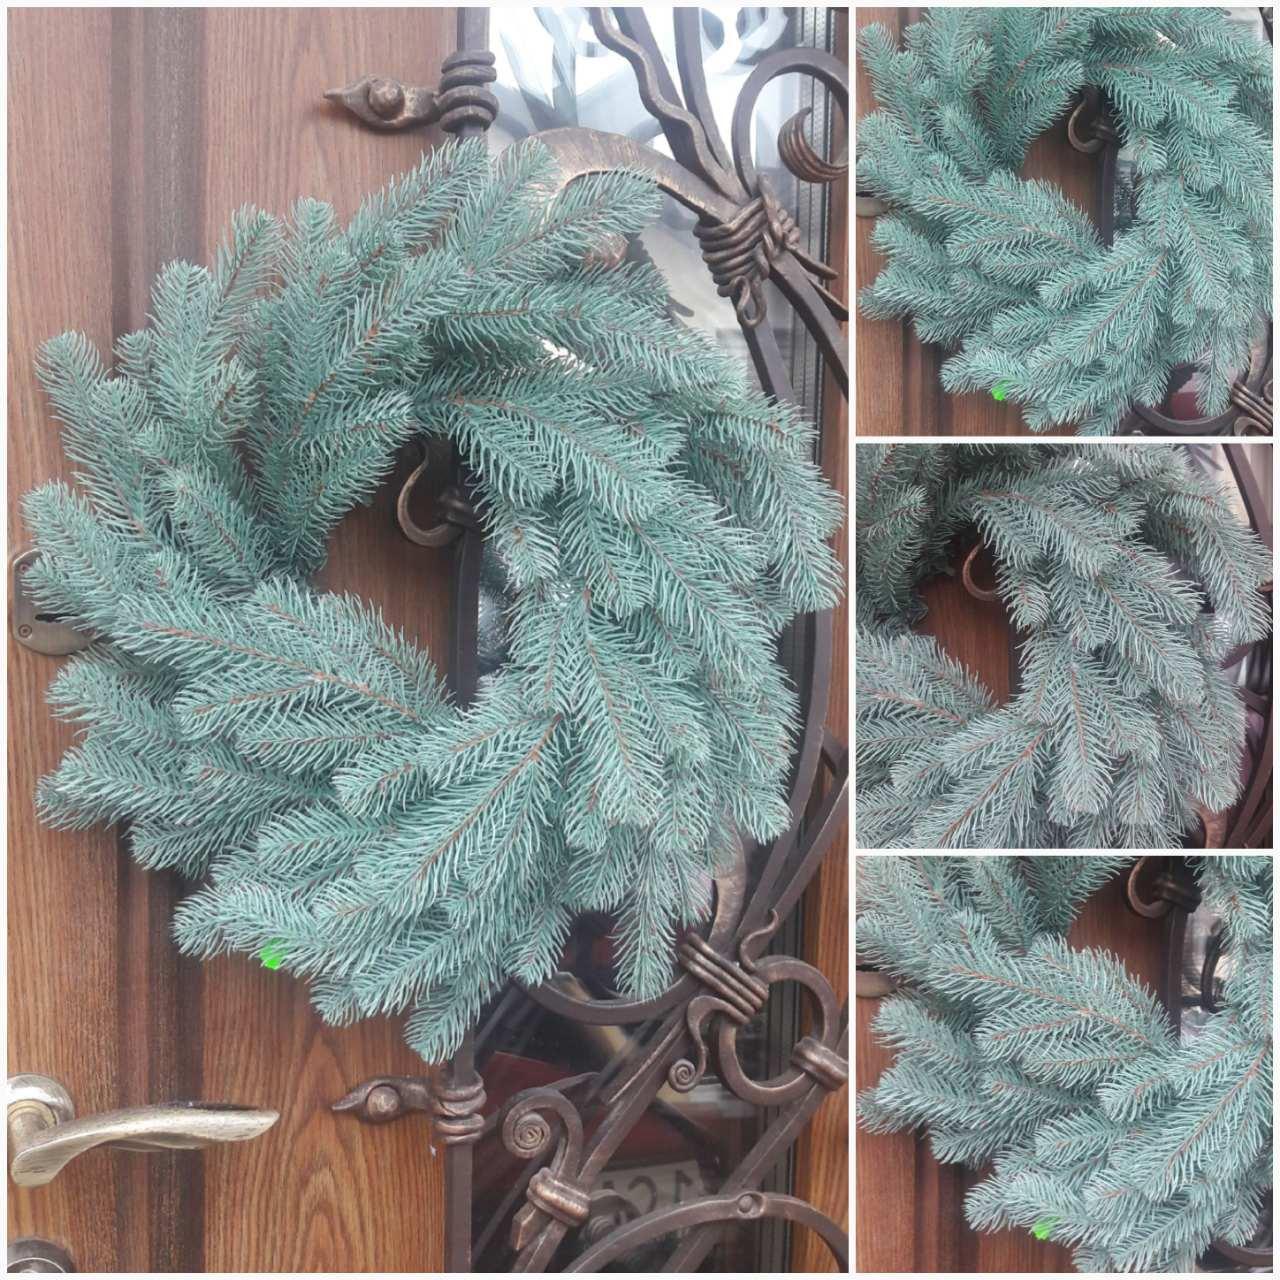 Рождественский веночек из веточек ели, цвет - голубой, декор, 40-45 см., 290/260 (цена за 1 шт. + 30 гр.)